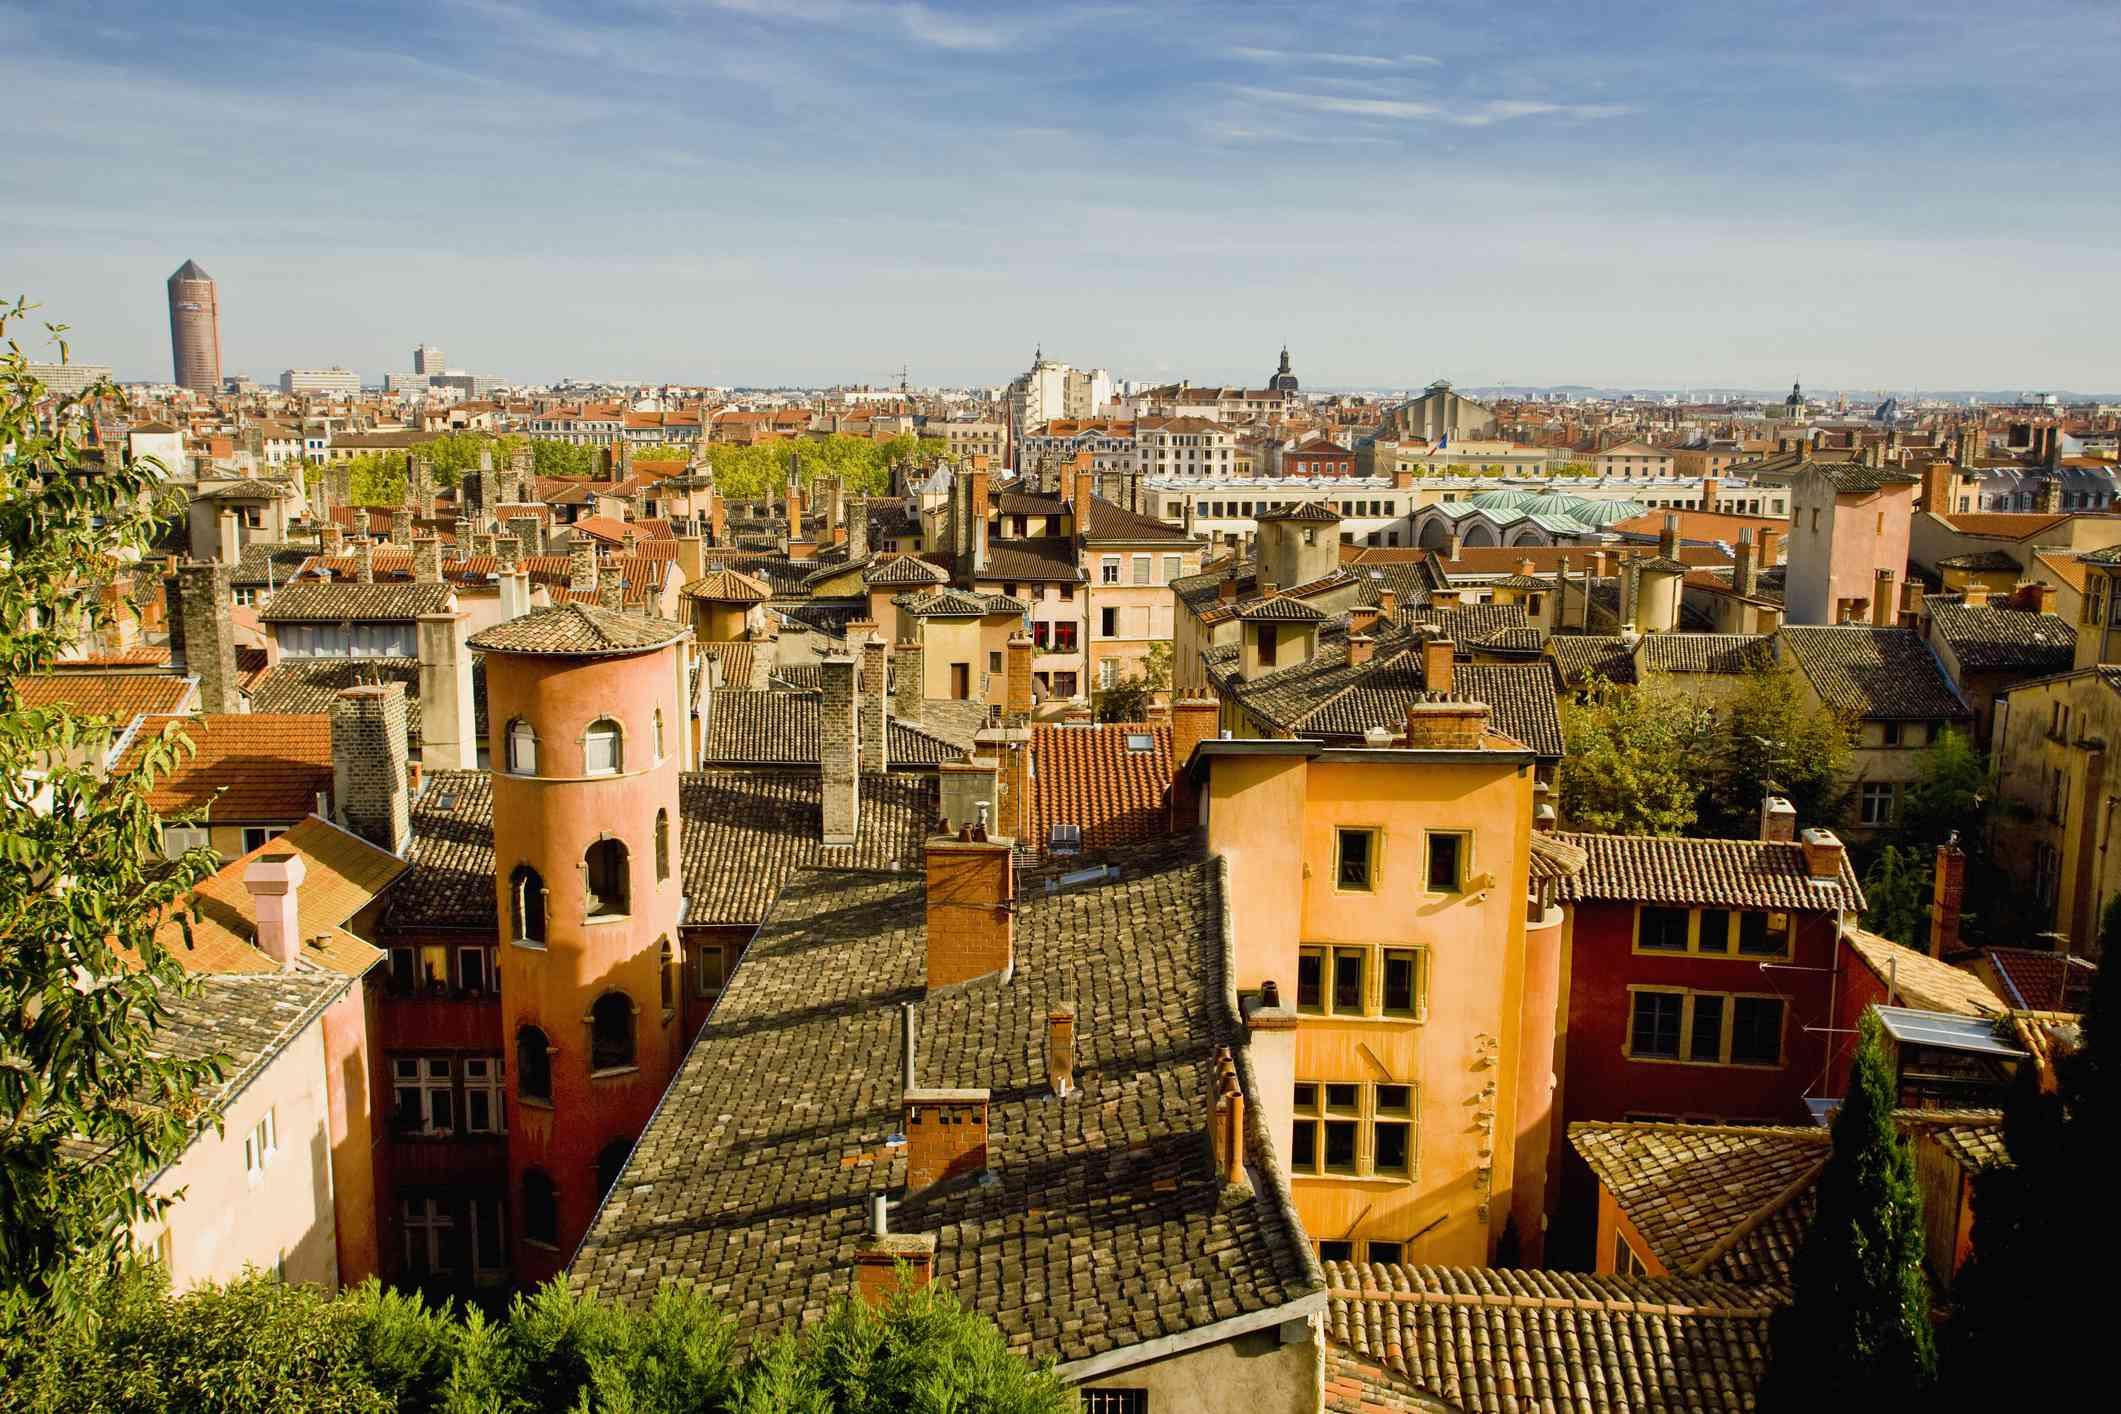 Vieux Lyon/Old Town, France